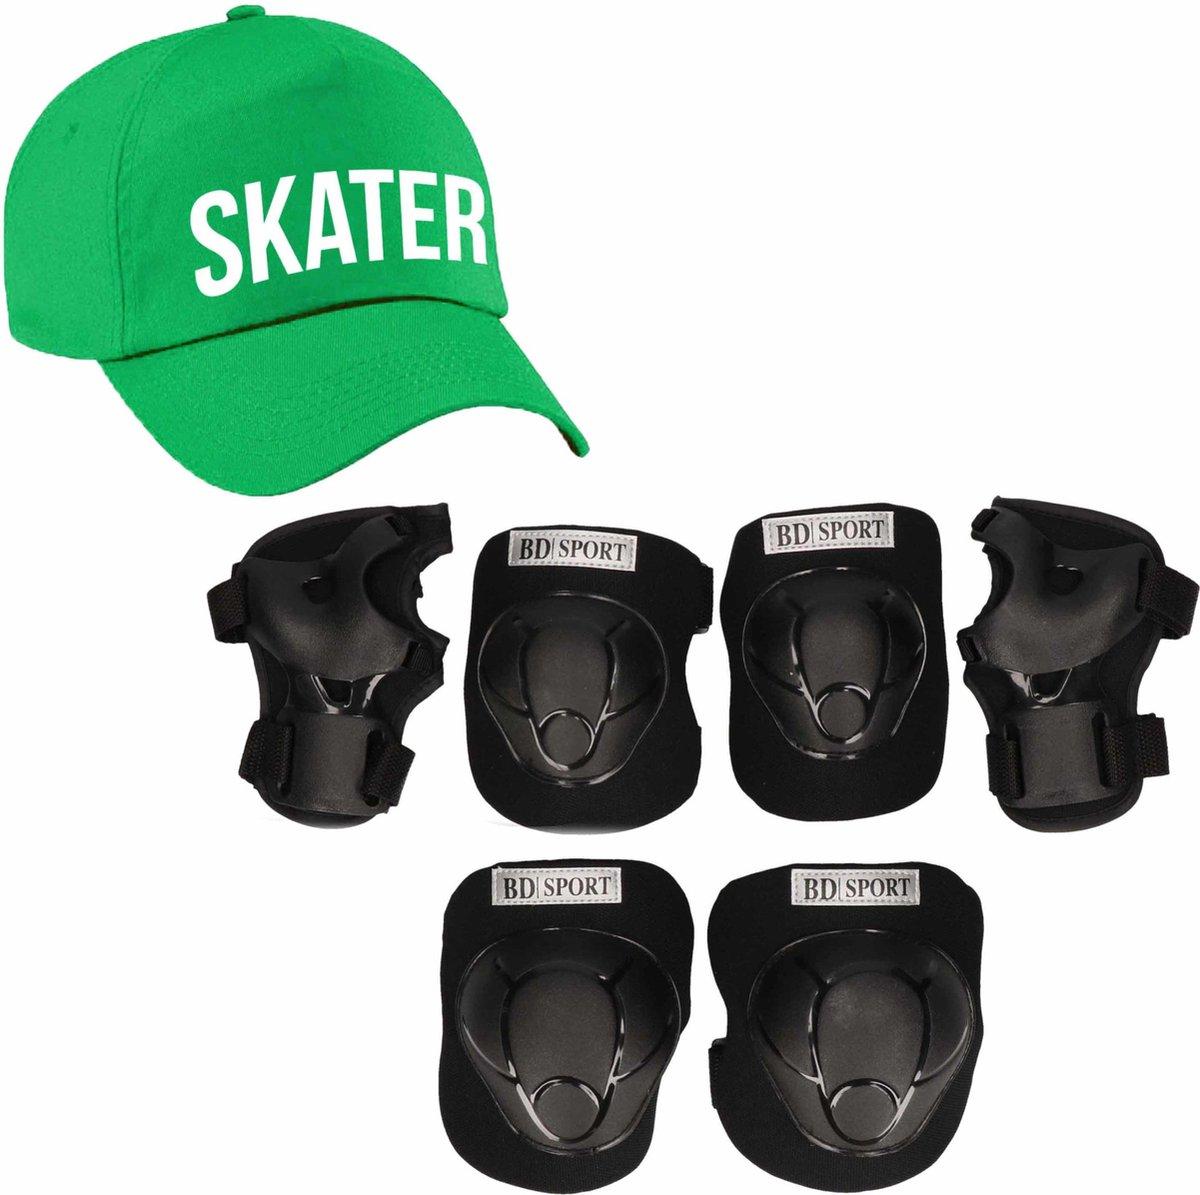 Set van valbescherming voor kinderen maat M / 6 tot 8 jaar met een stoere SKATER pet groen